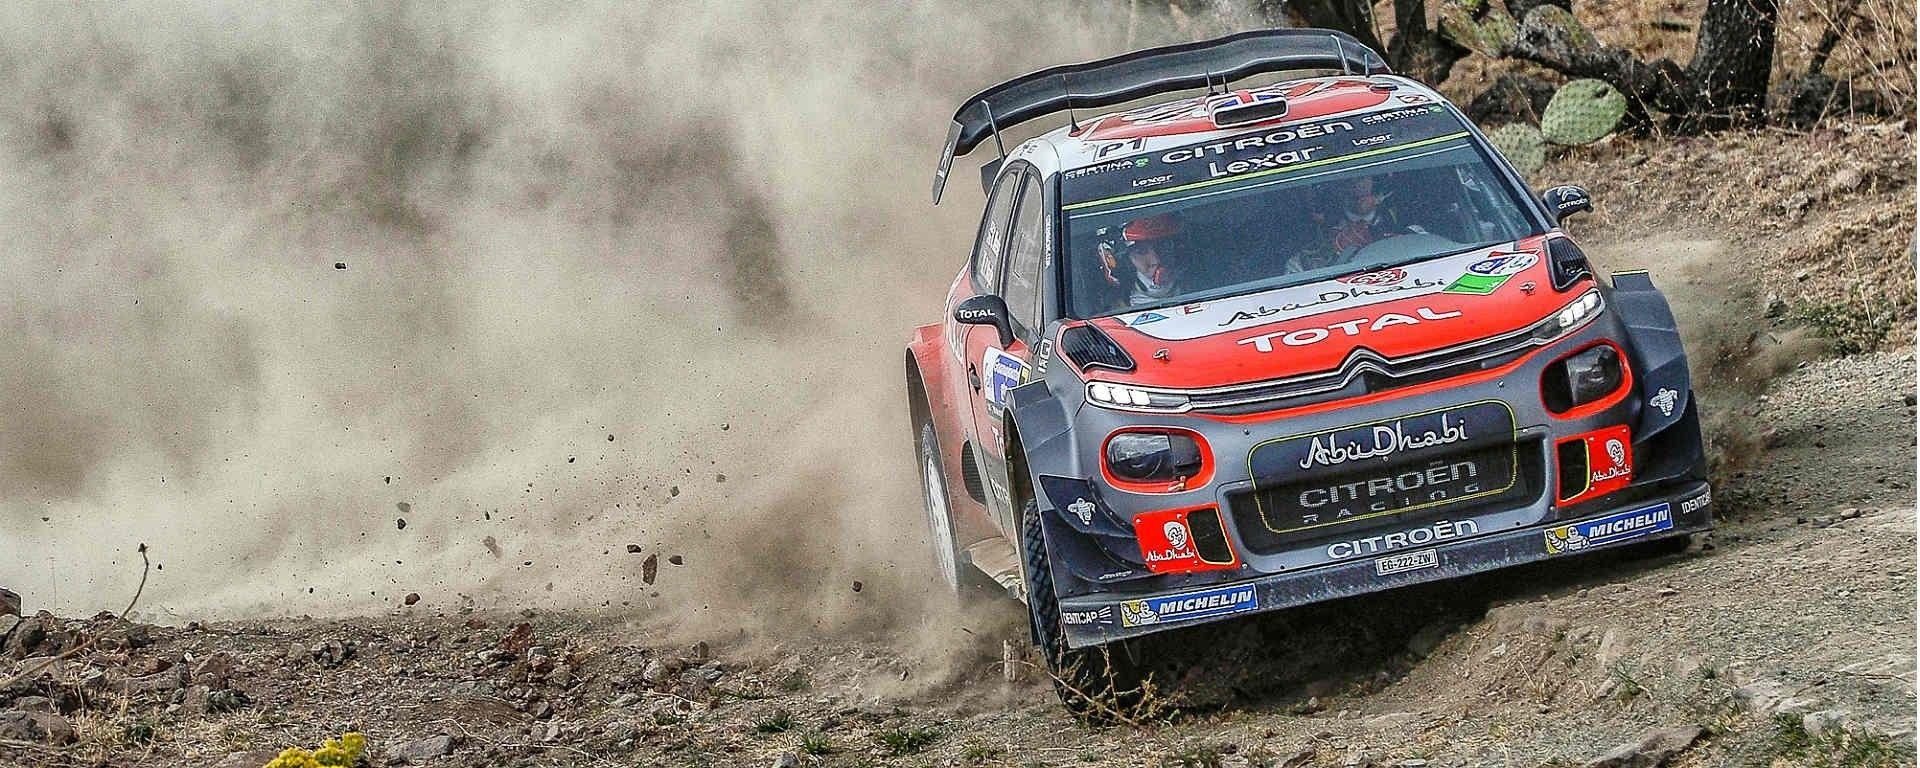 Kris Meeke con la Citroen C3 WRC Plus - WRC 2017 Rally del Messico